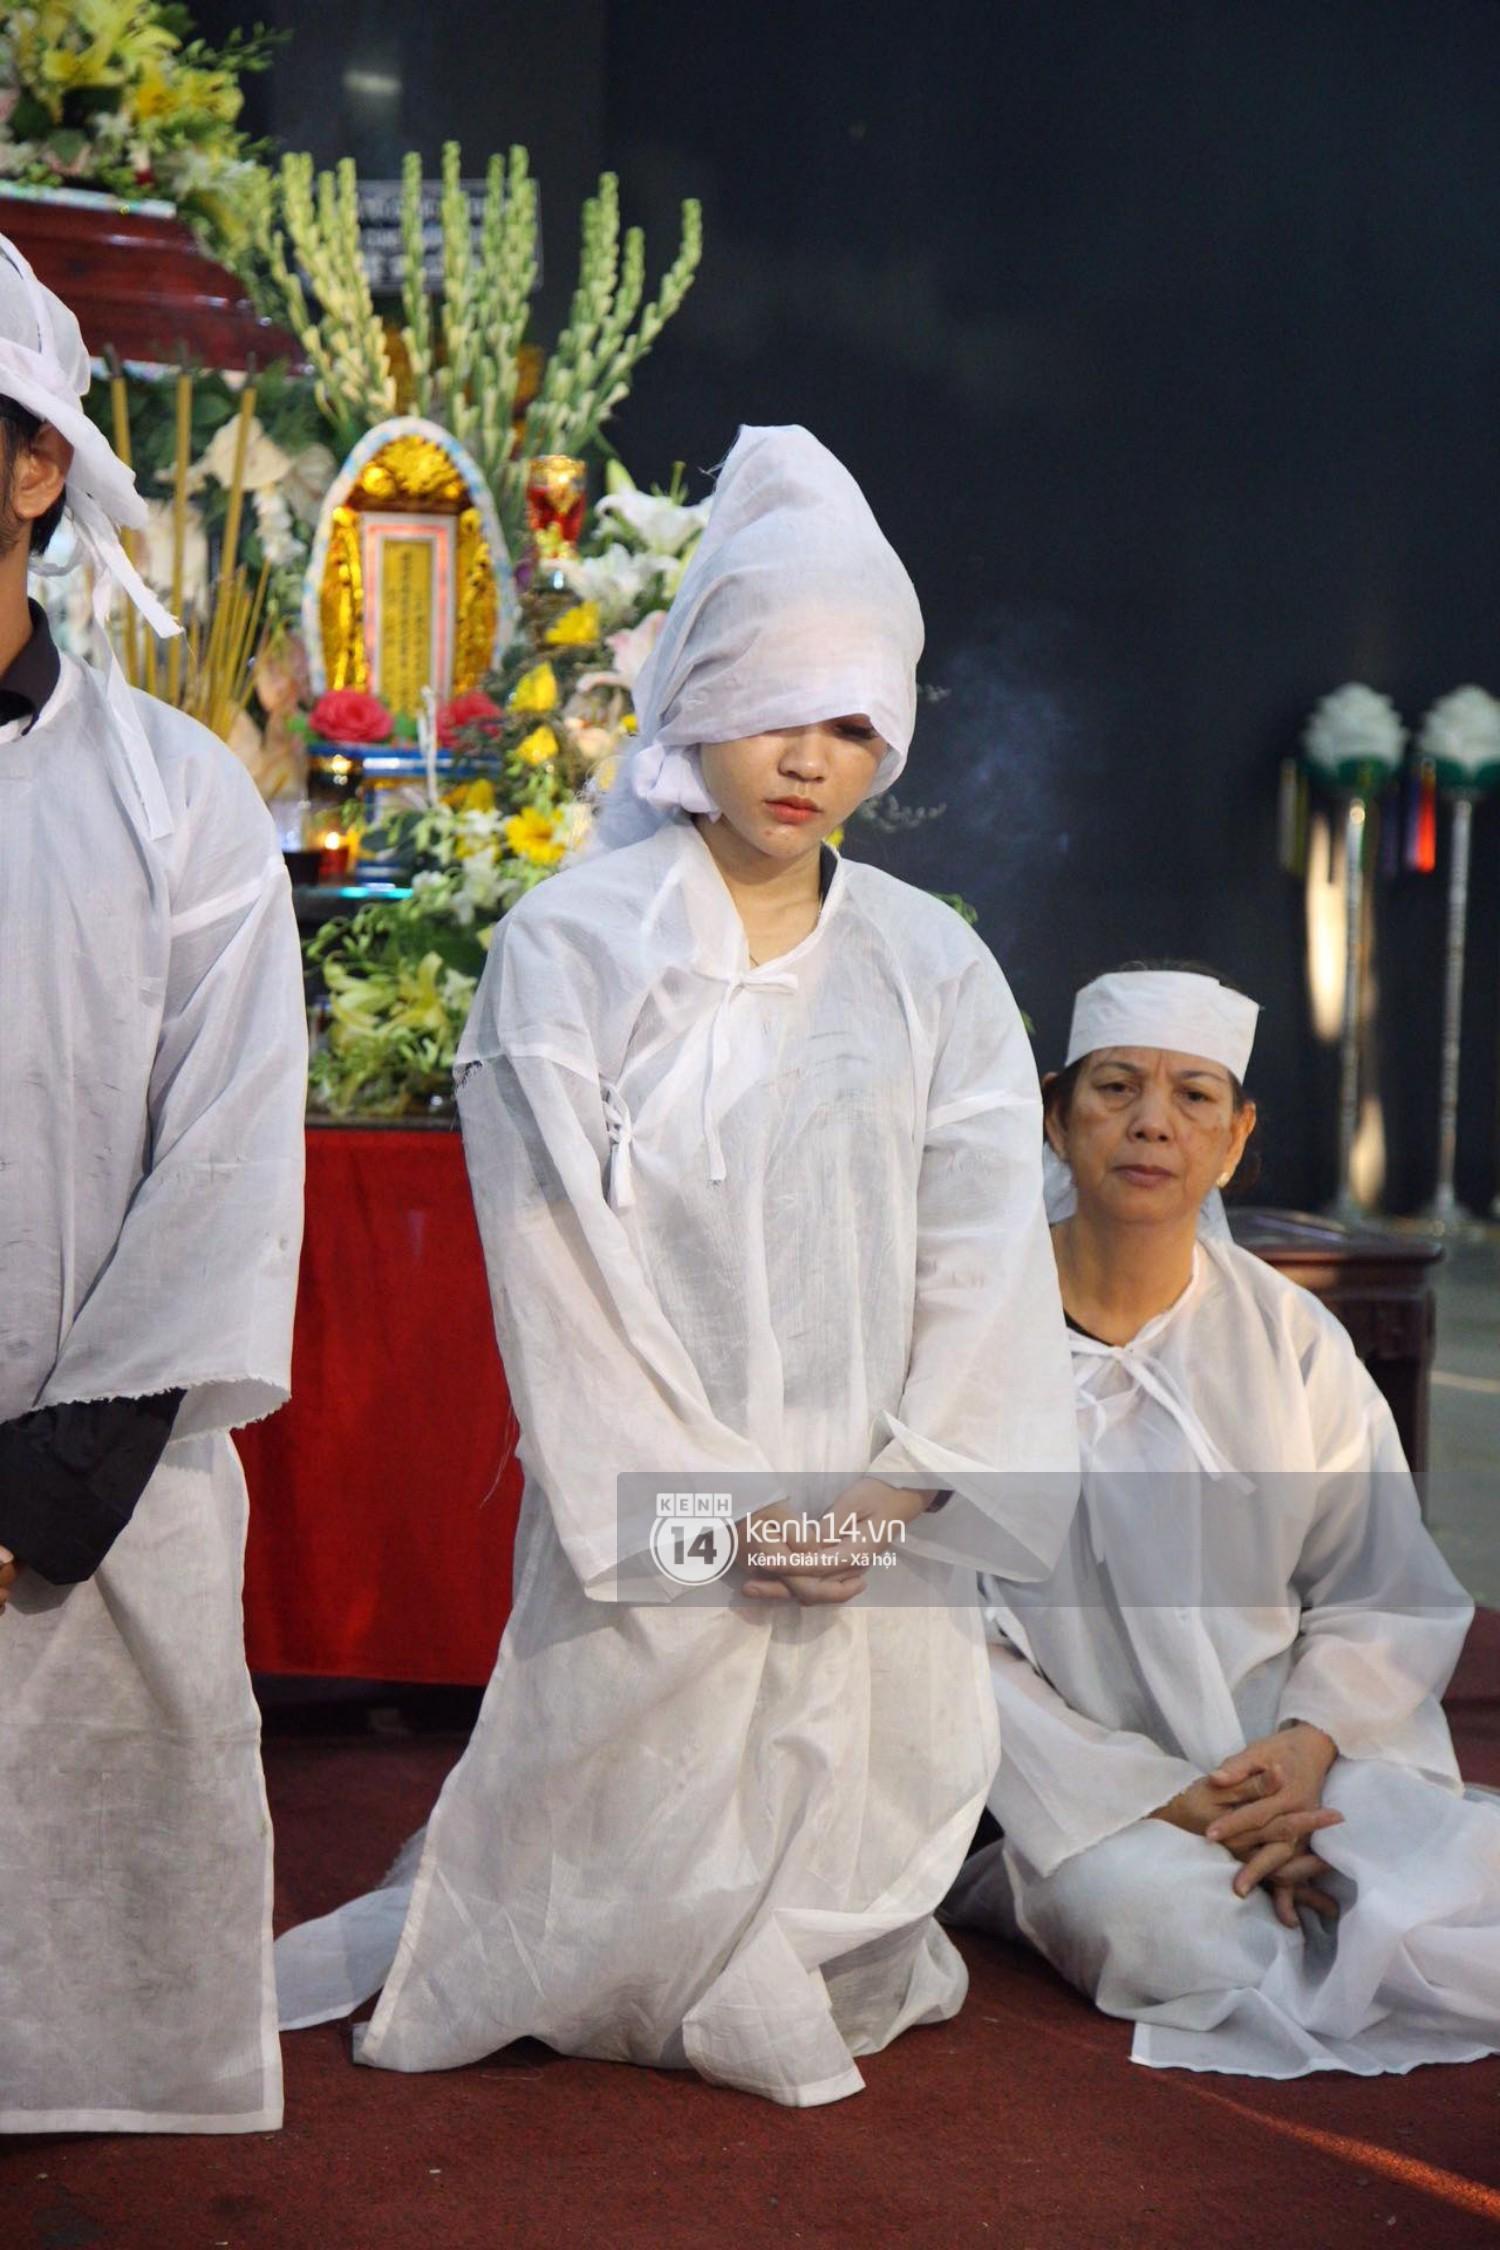 Gia đình, bạn bè đồng nghiệp xúc động bật khóc tiễn biệt cố nghệ sĩ Lê Bình về đất mẹ - Ảnh 3.